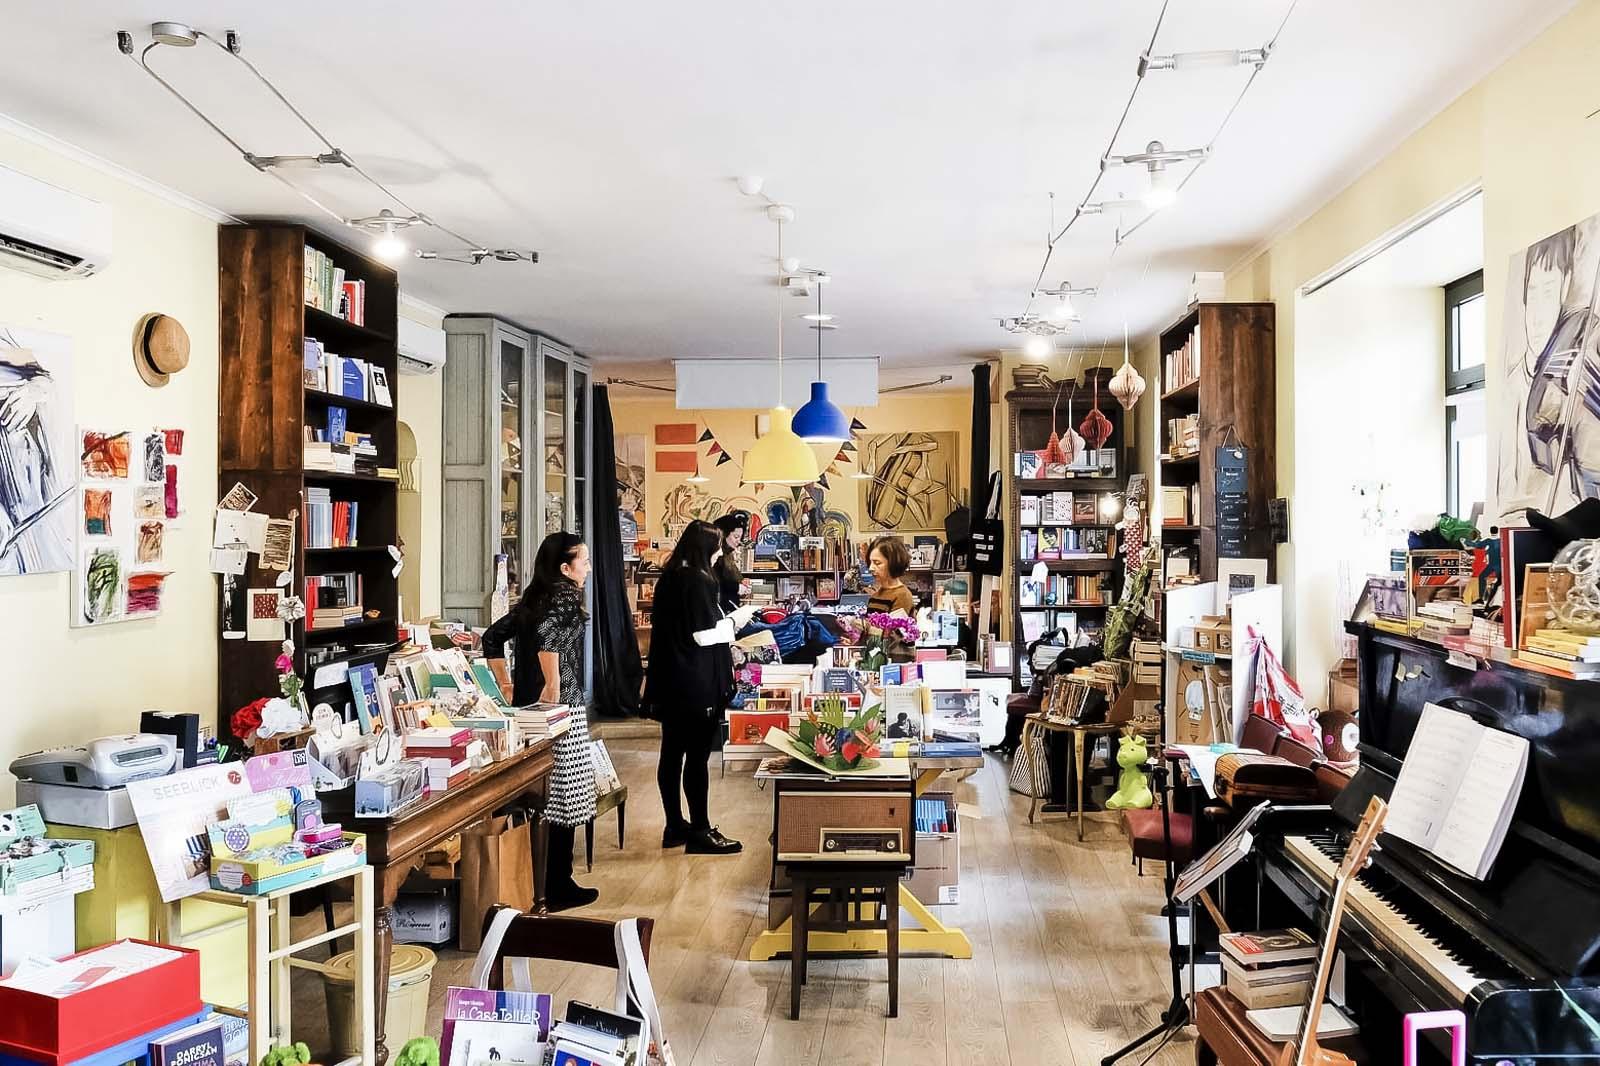 L'altracittà a Roma: leggere, viaggiare, rilassarsi